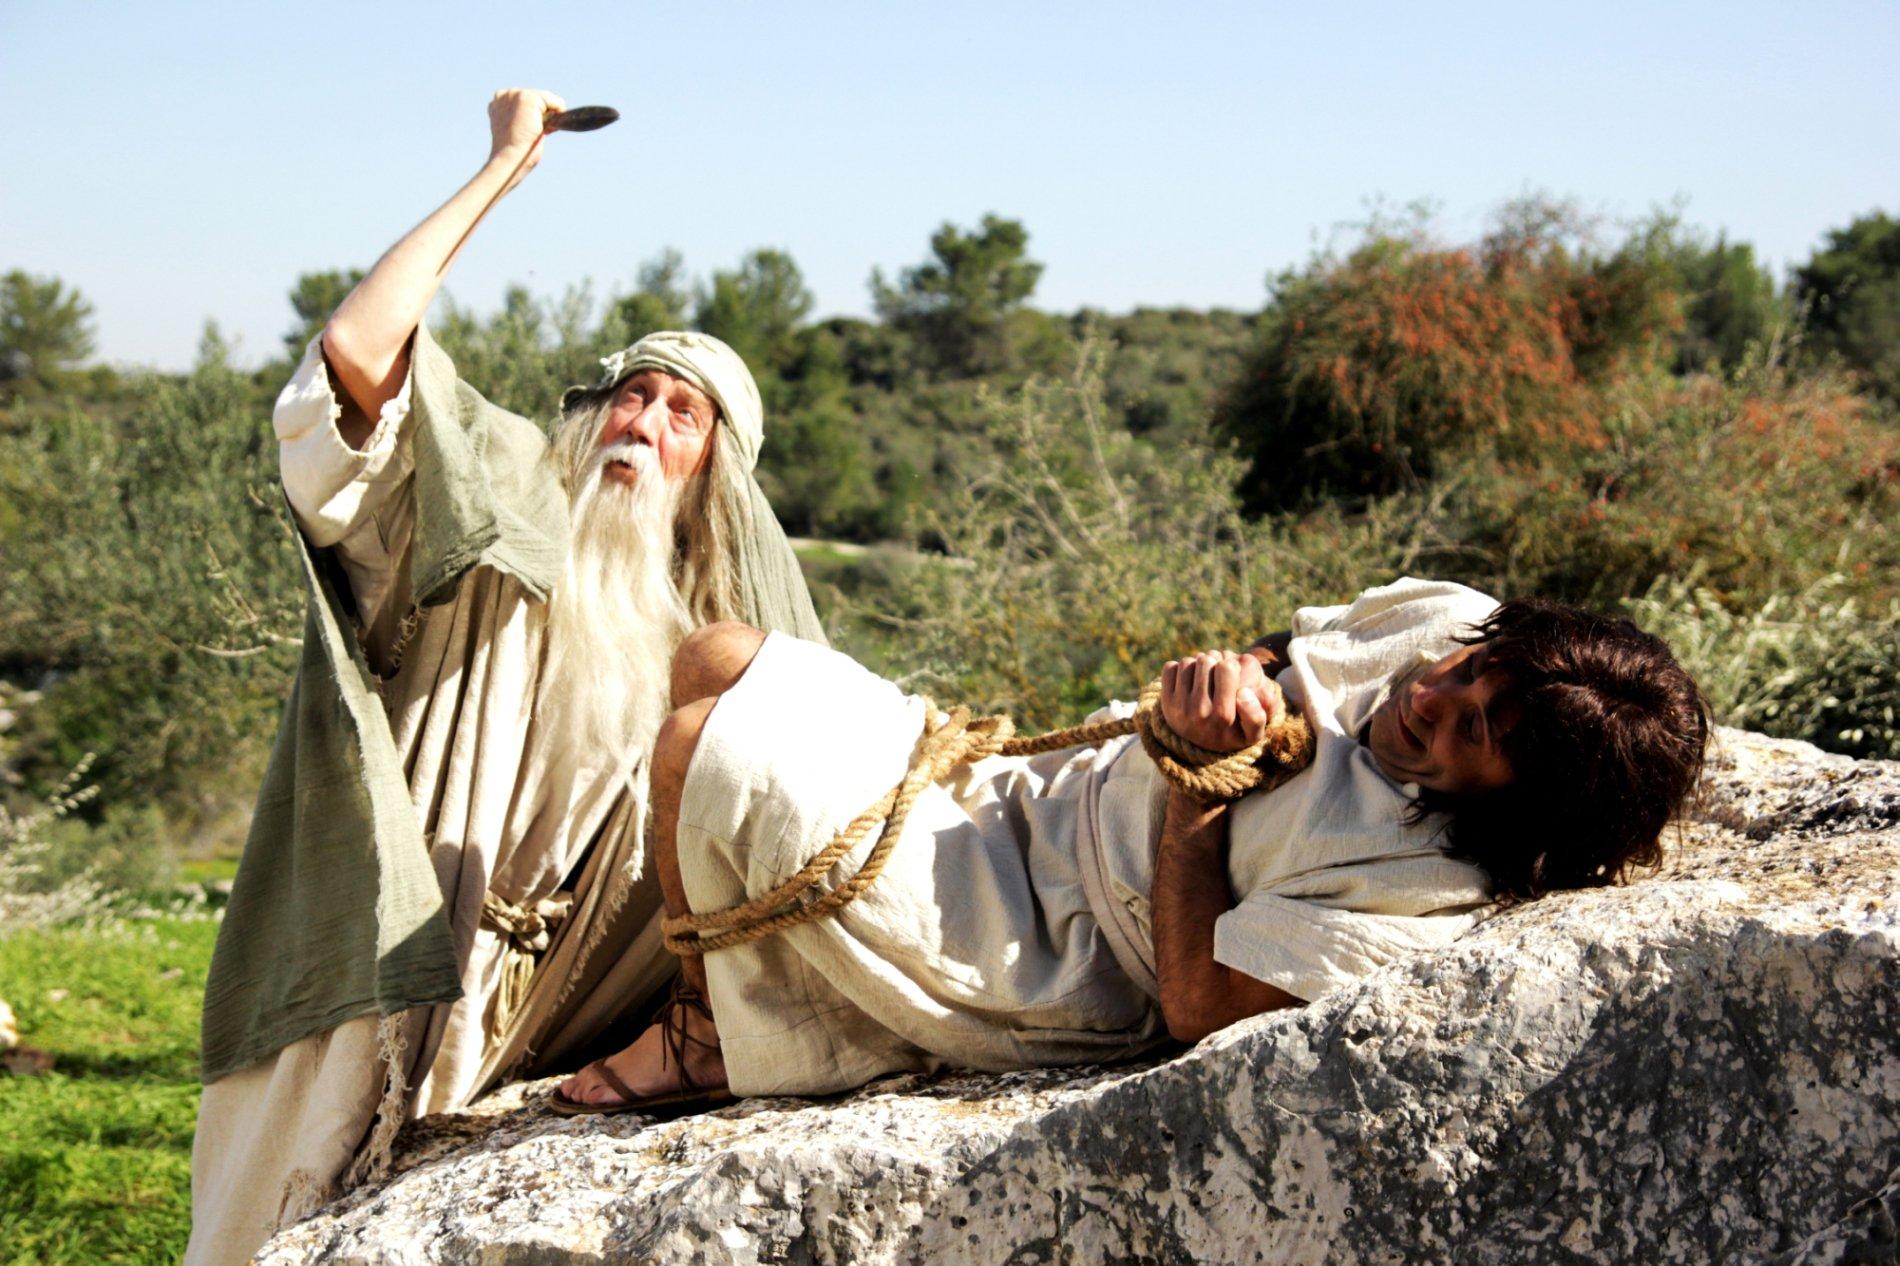 היהודים באים - נטלי מרכוס ודני שוורצמן